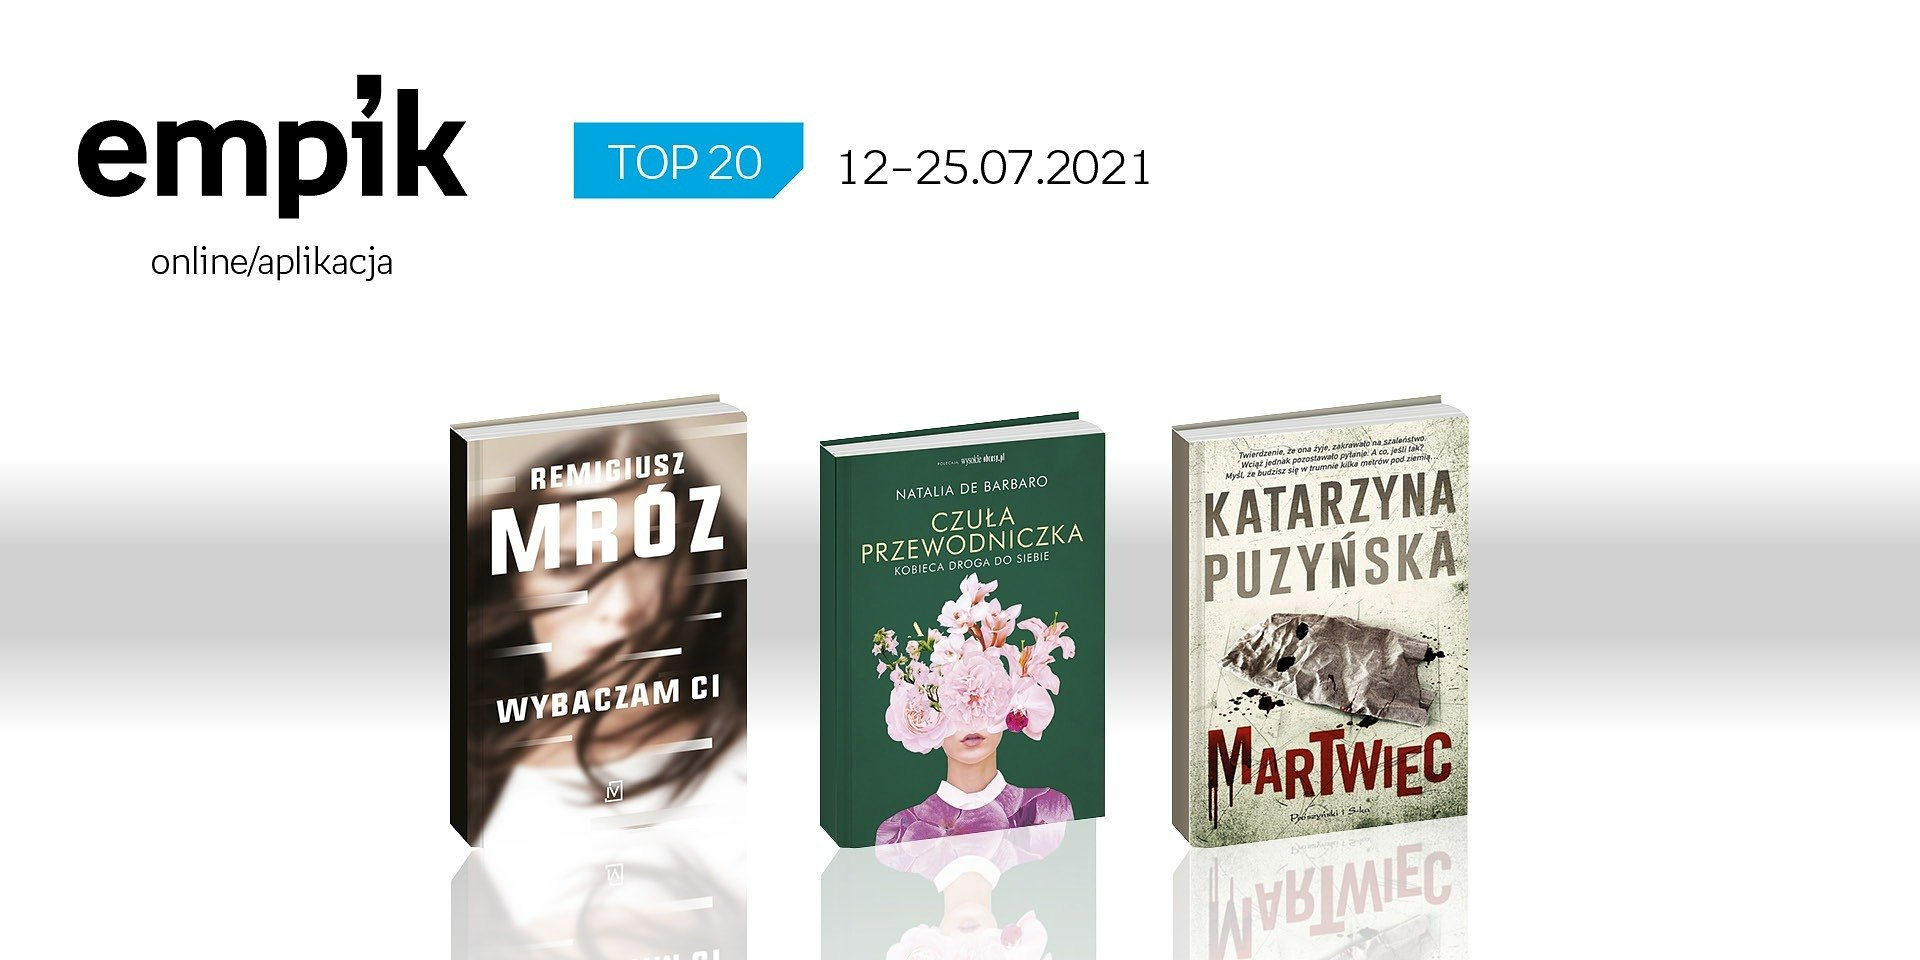 Książkowa lista TOP 20 na Empik.com za okres 12 – 25 lipca